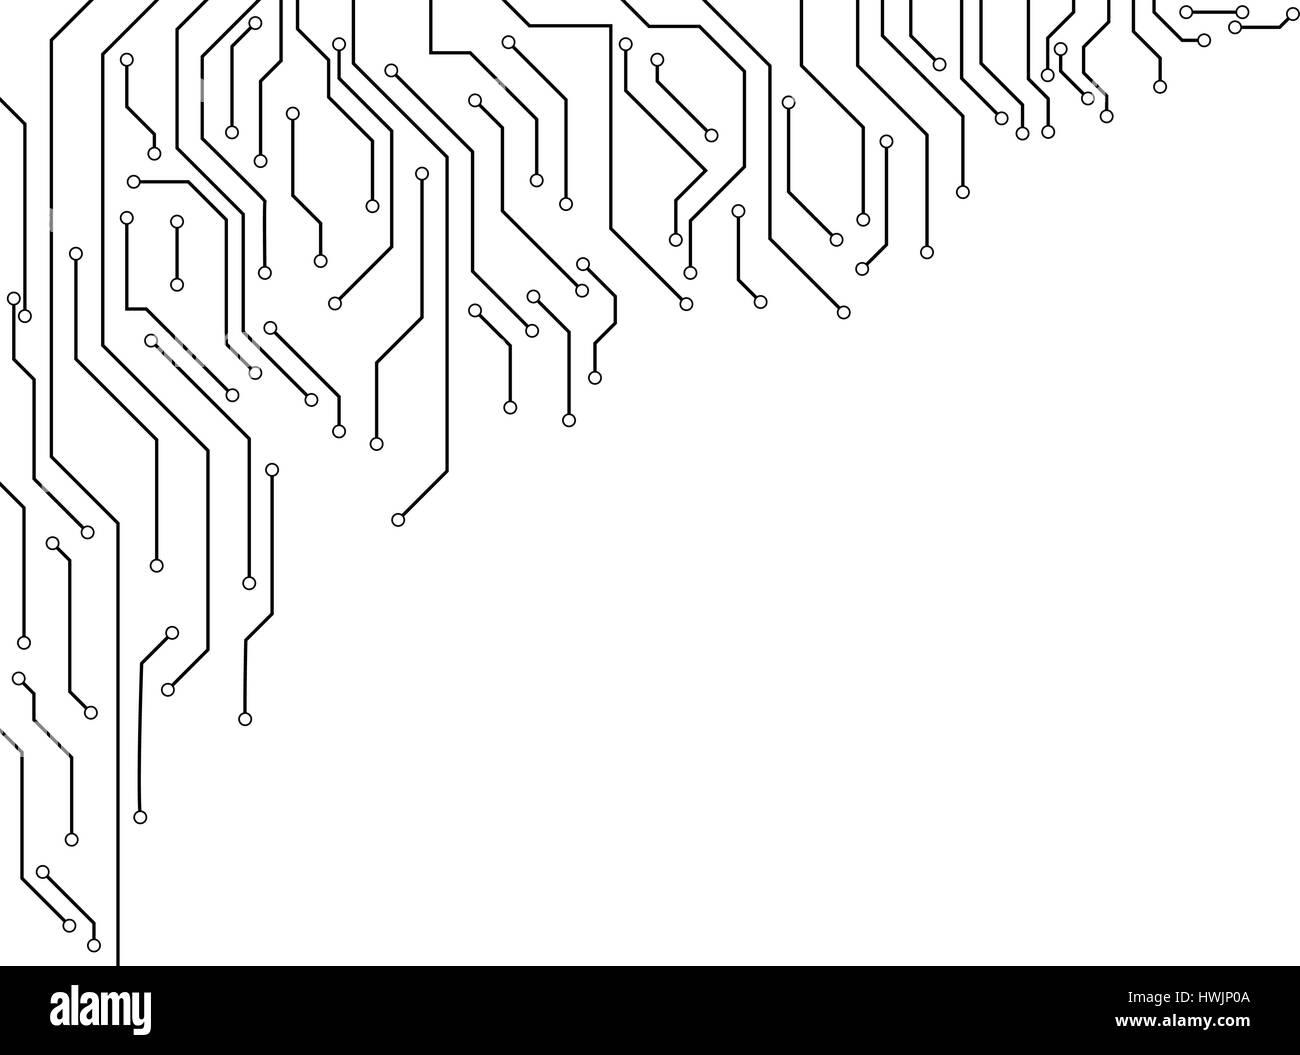 Vektor: Elektronische Schaltung Grenze auf weißem Hintergrund Stockbild